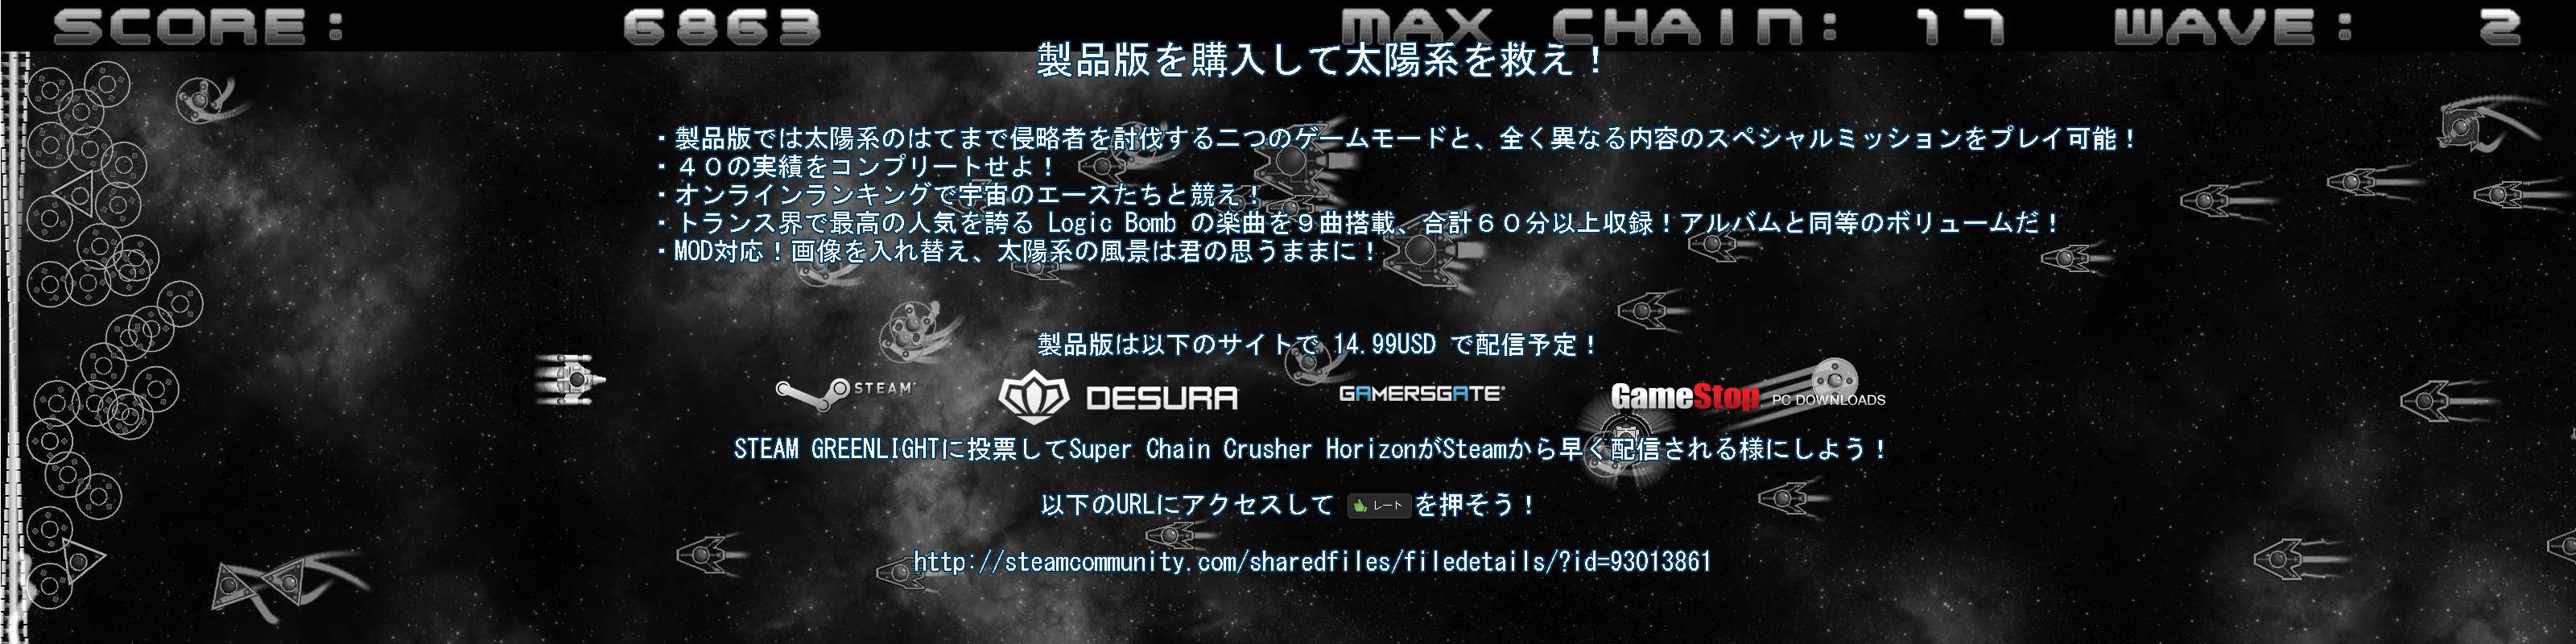 f:id:BCC:20120902191921j:image:w480